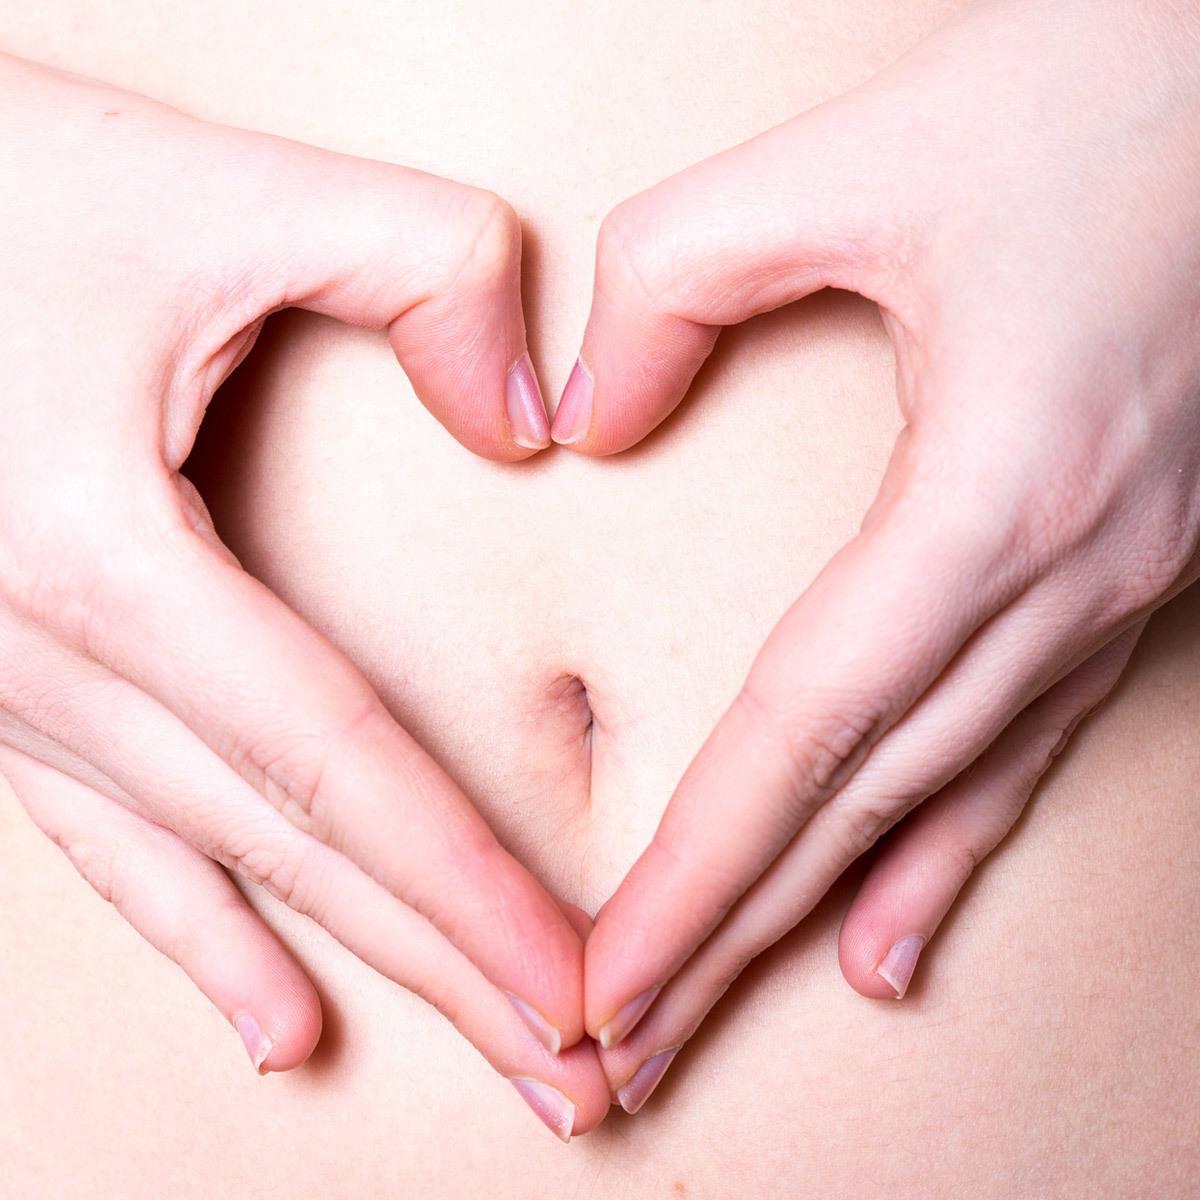 アラフォーは美と健康にかかわる重要な女性ホルモンとどう付き合っている?_1_1